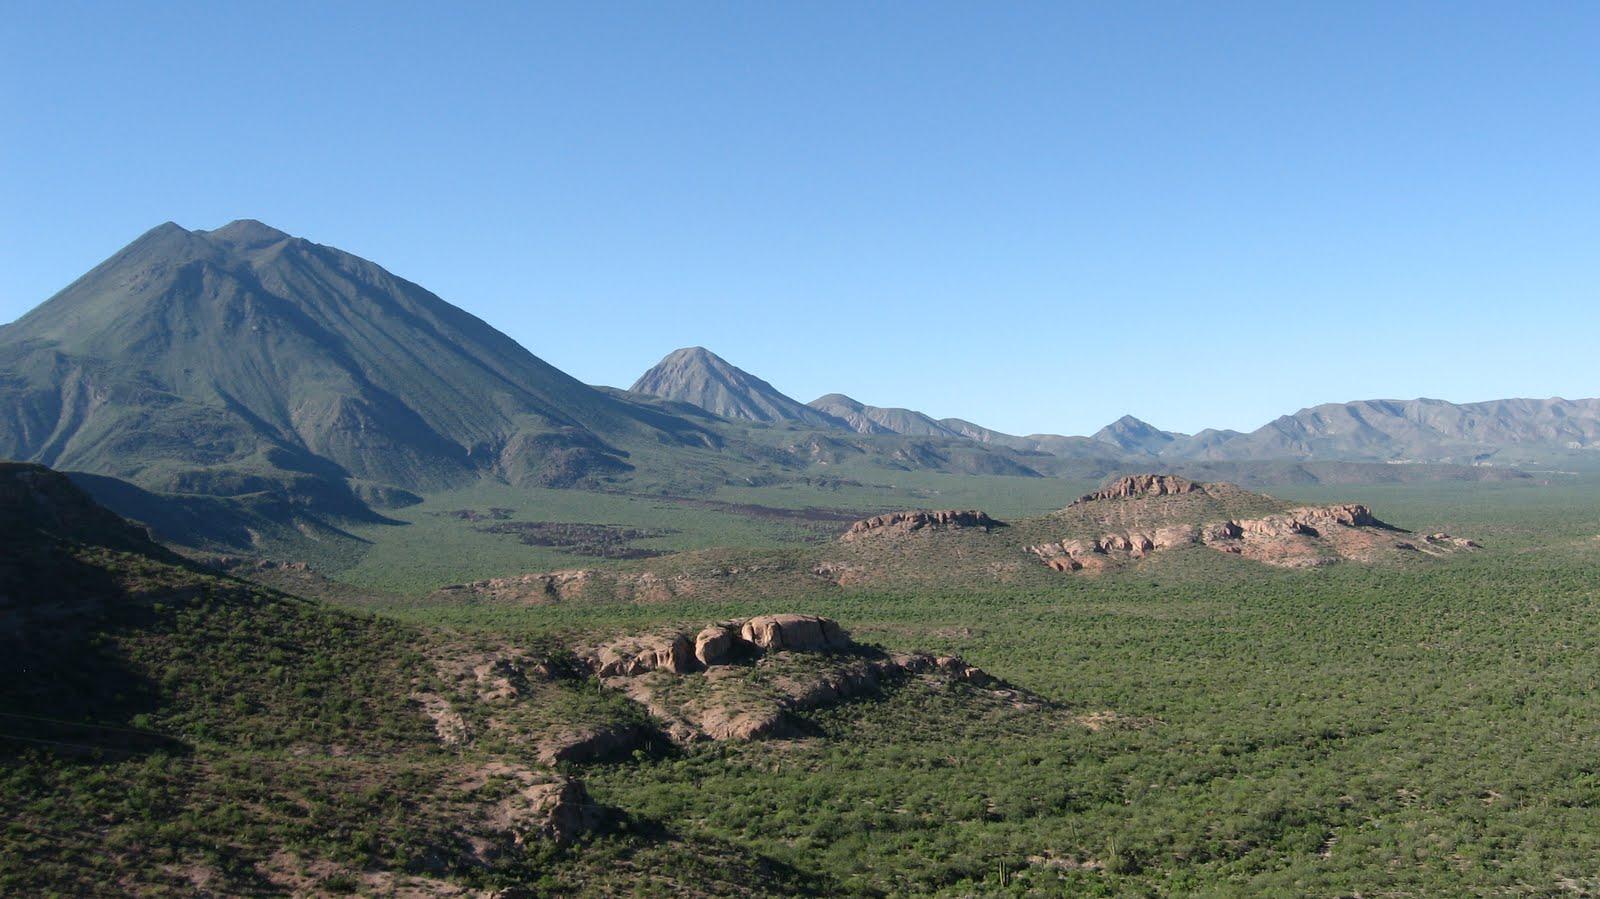 http://1.bp.blogspot.com/_YQ9B1EOwPrw/TFwbnEq-EsI/AAAAAAAAAIg/J768VfkKhNc/s1600/18-Baja+California+%2838%29.JPG